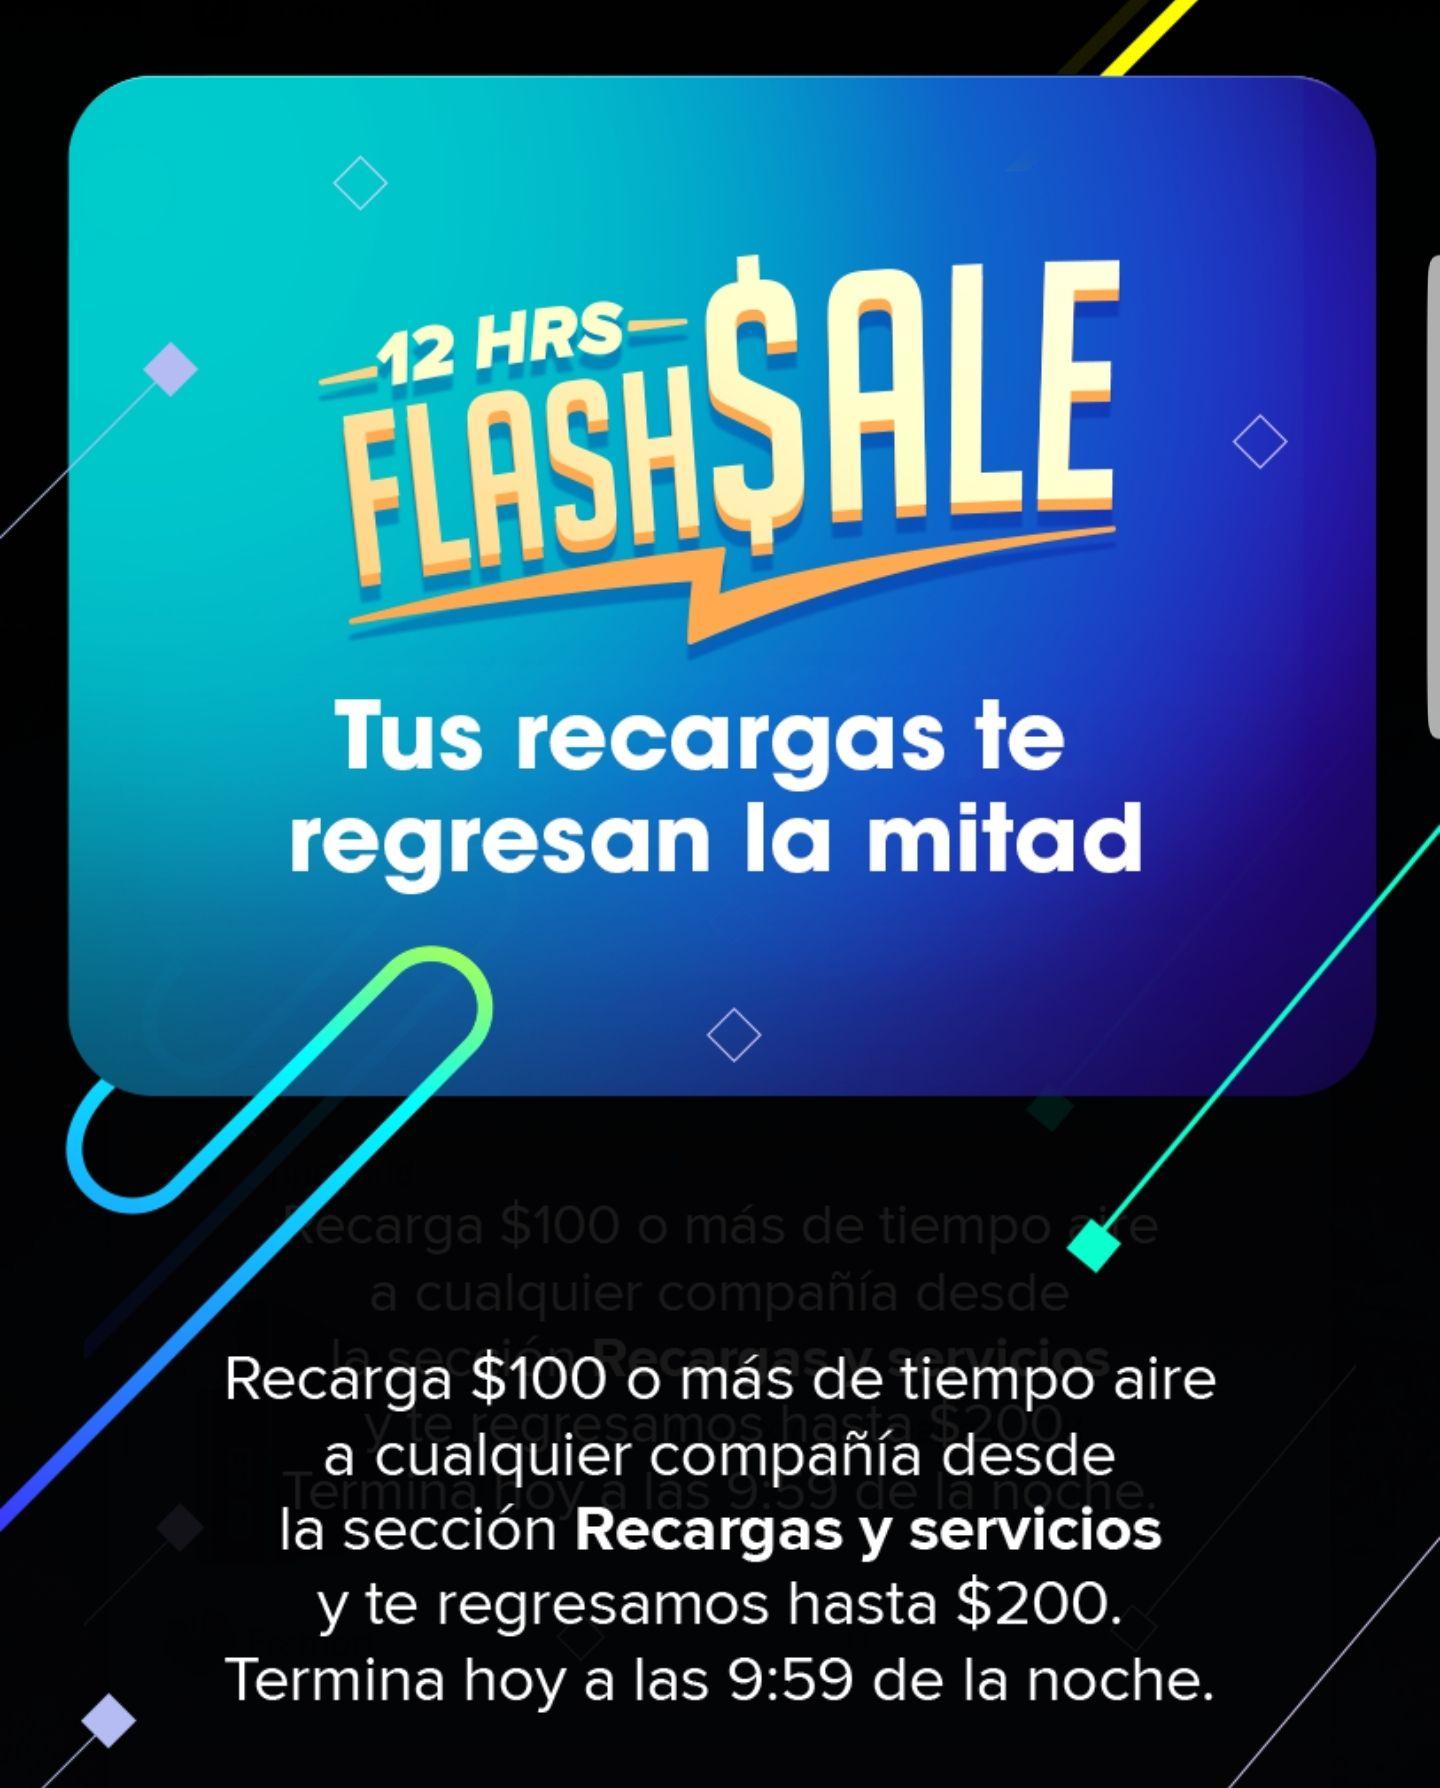 weex wallet: 50% cash back en recargas